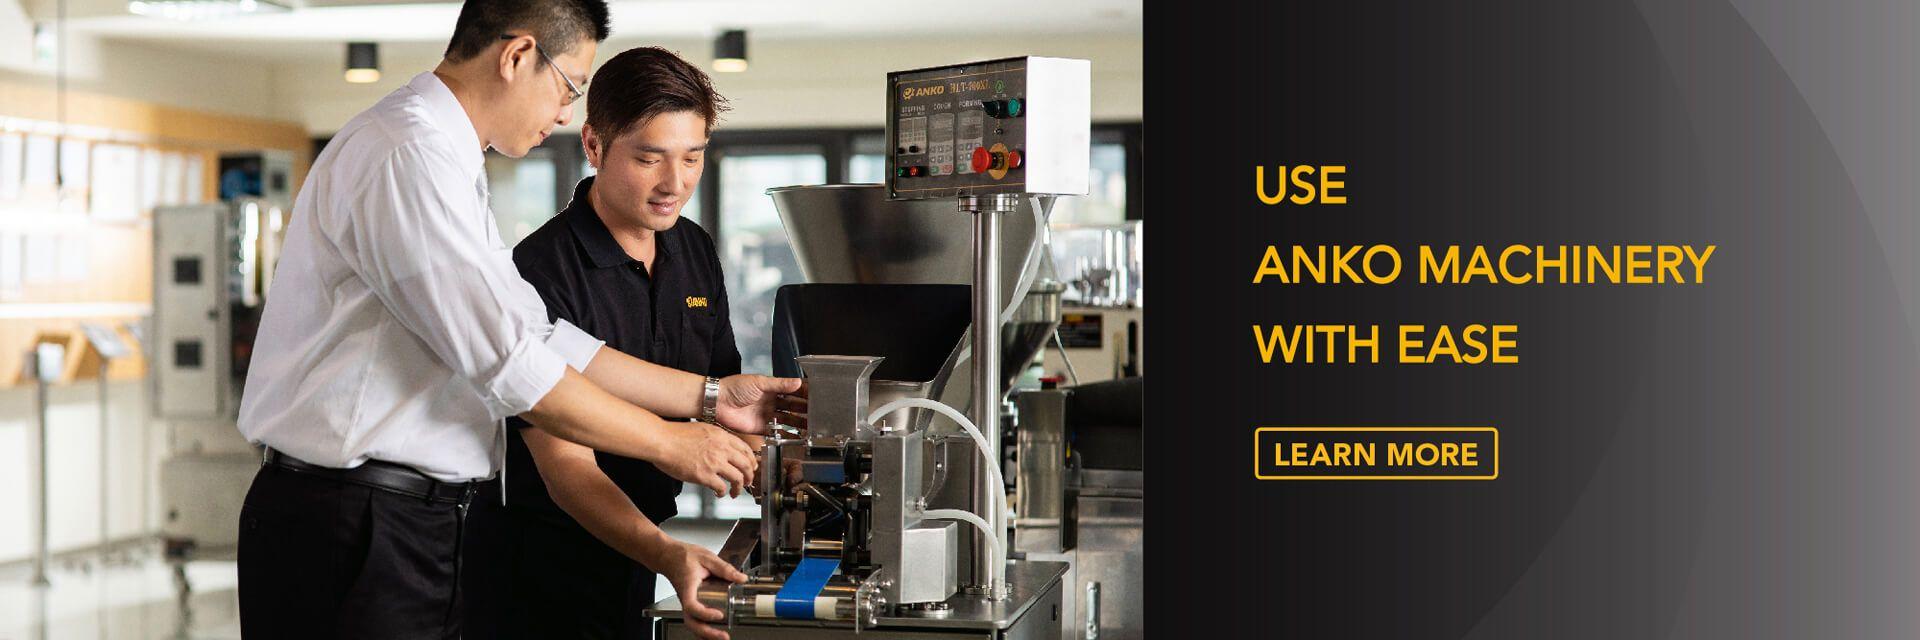 生產設備是提升生產效率的得力助手。安口機械的友善設計在於協助使食品機械與使用者間能產生更多價值。